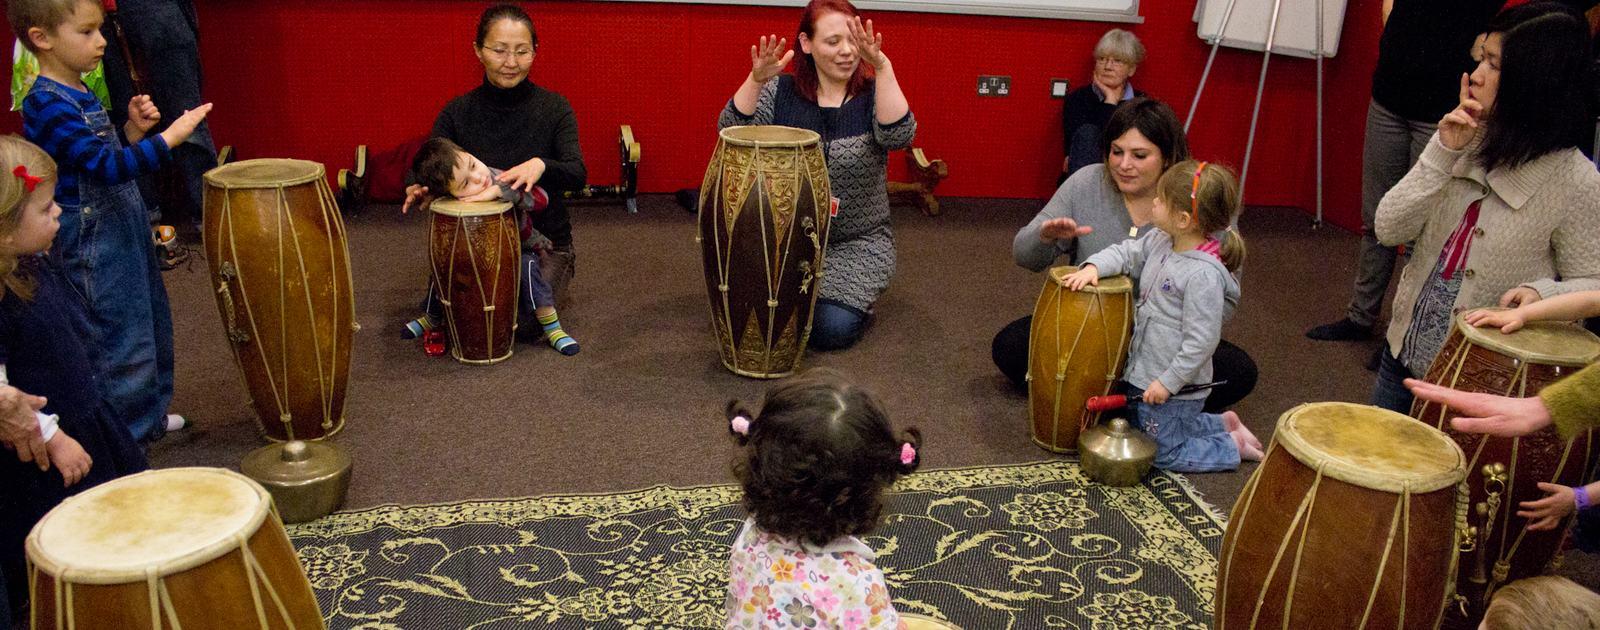 Dragon Babies - Gamelan for 3-5 year olds, Gamelan Room